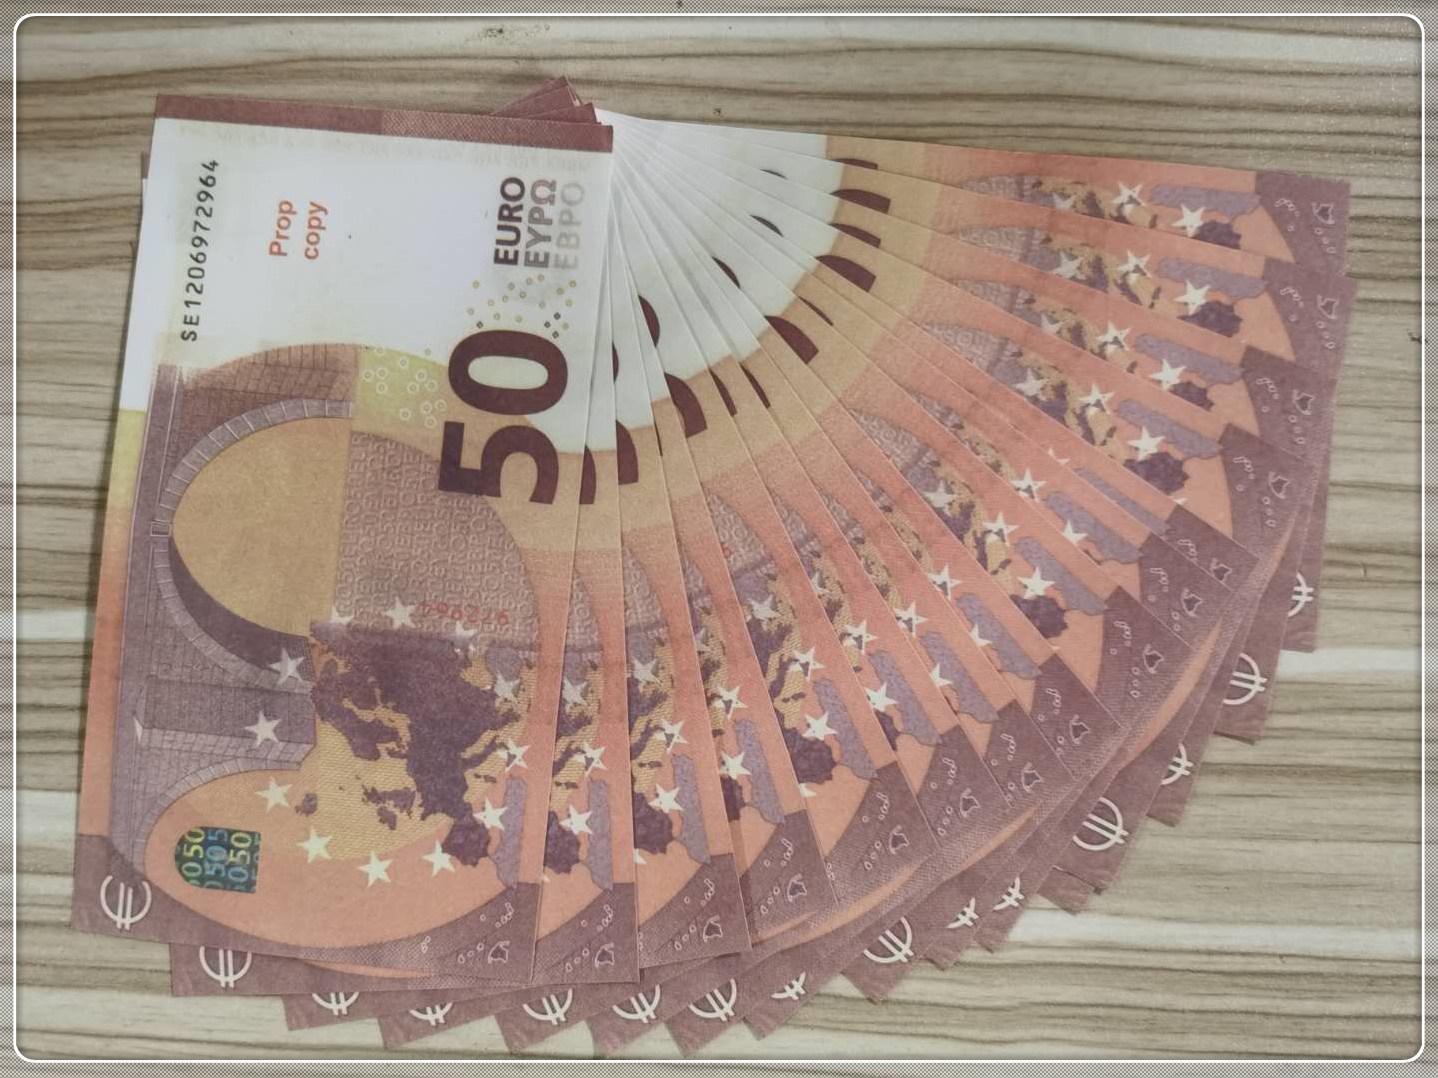 50 горячий бар вечеринка сцена копия евро стрельба банкноты опоры под контрафактная игрушка атмосфера bfere prop le50-43 comprofect mv ihoxd